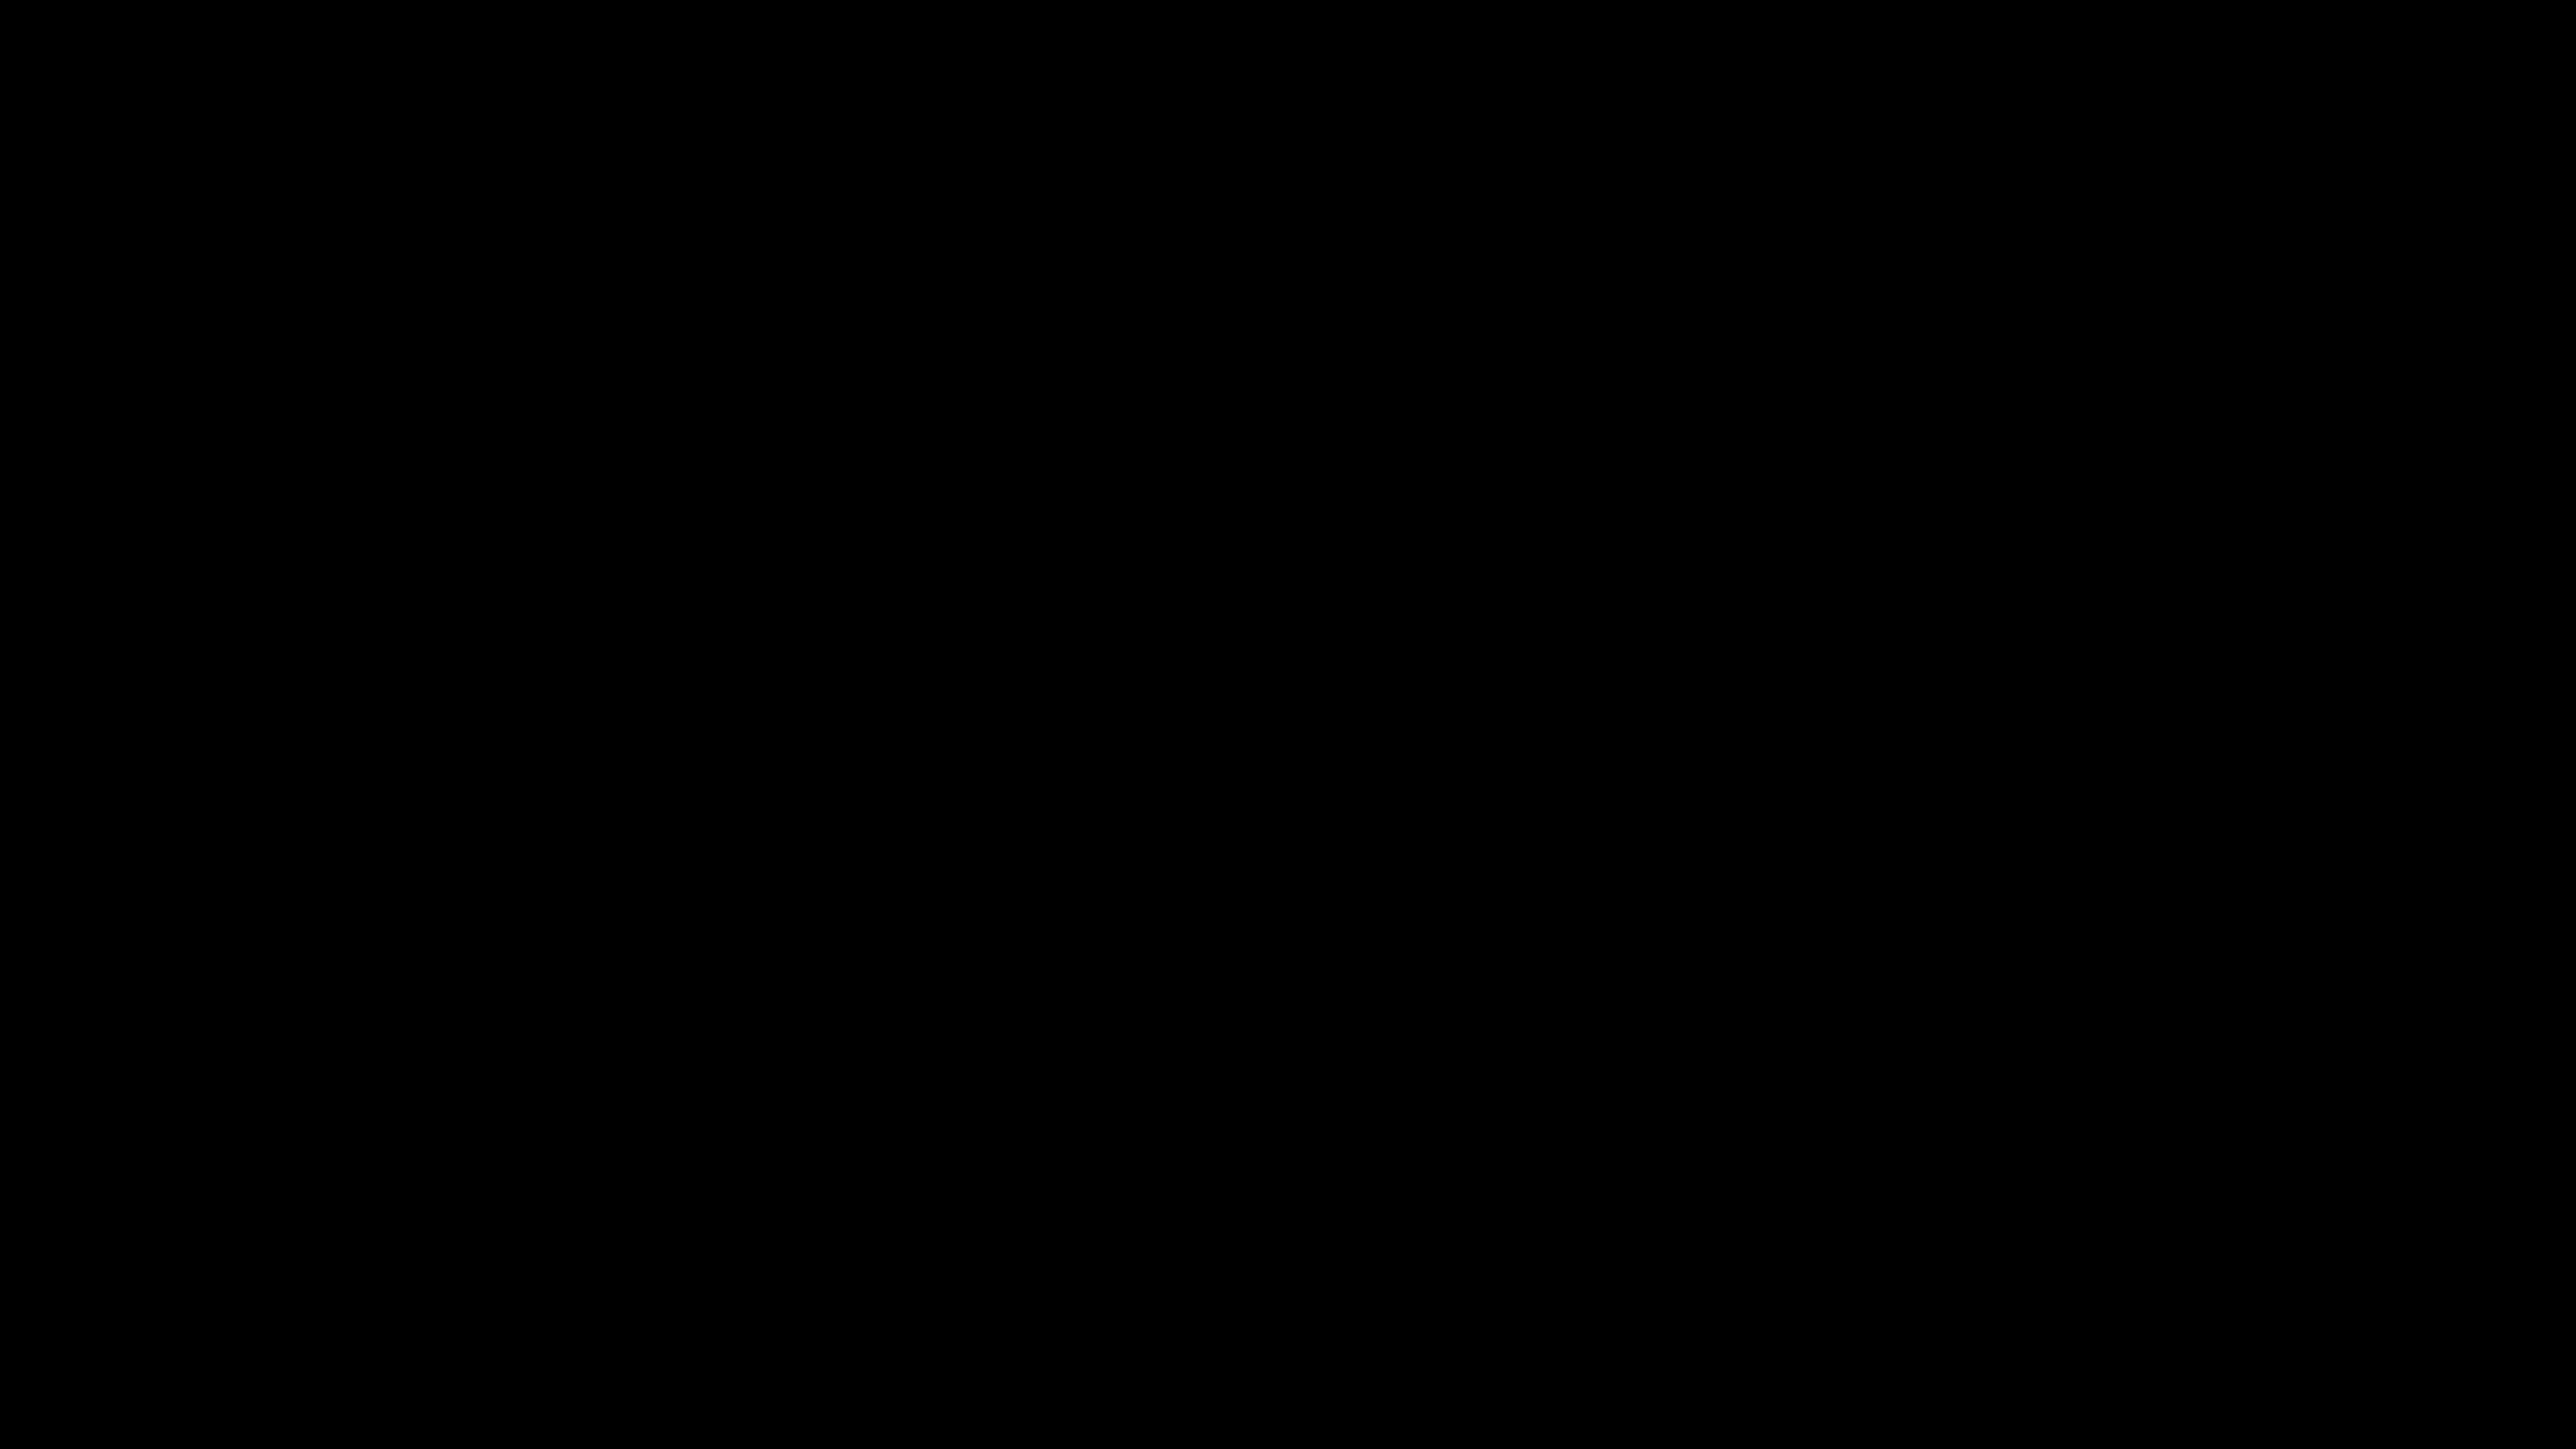 Рига столица Латвии ПМЖ которой могут получить граждане России